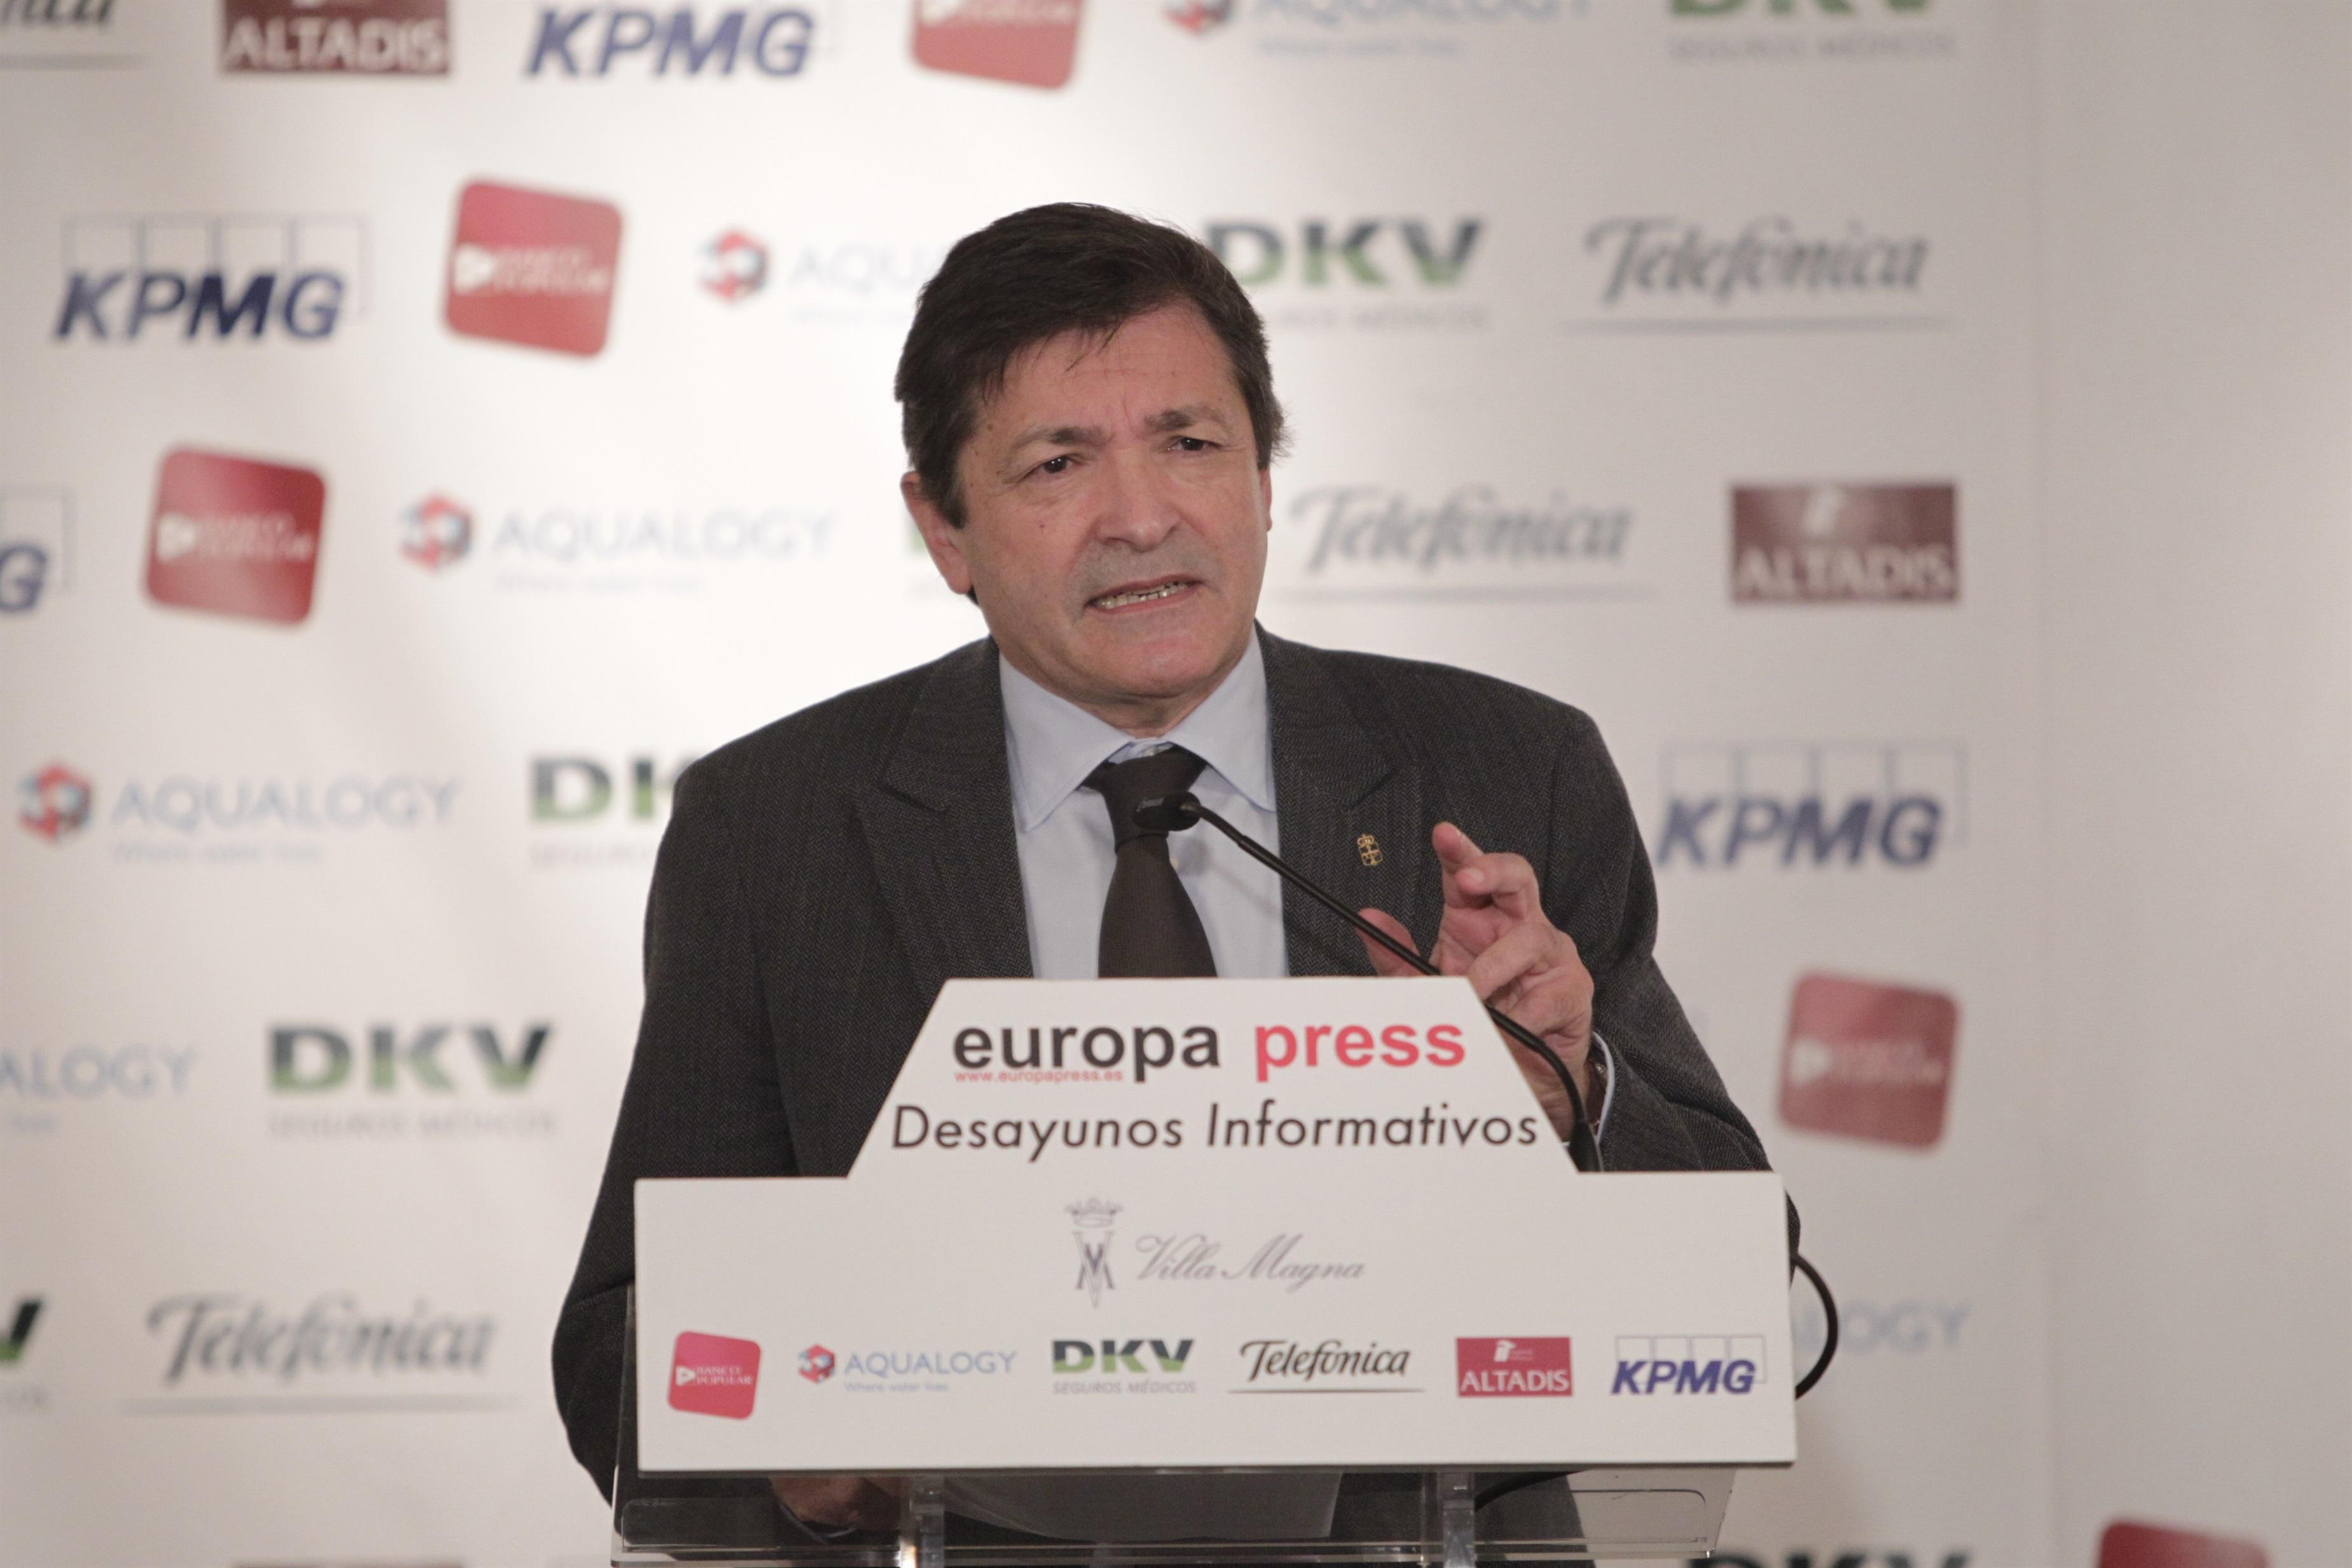 El presidente de Asturias arremete contra Madrid por su «descarnada subasta tributaria» y competencia fiscal